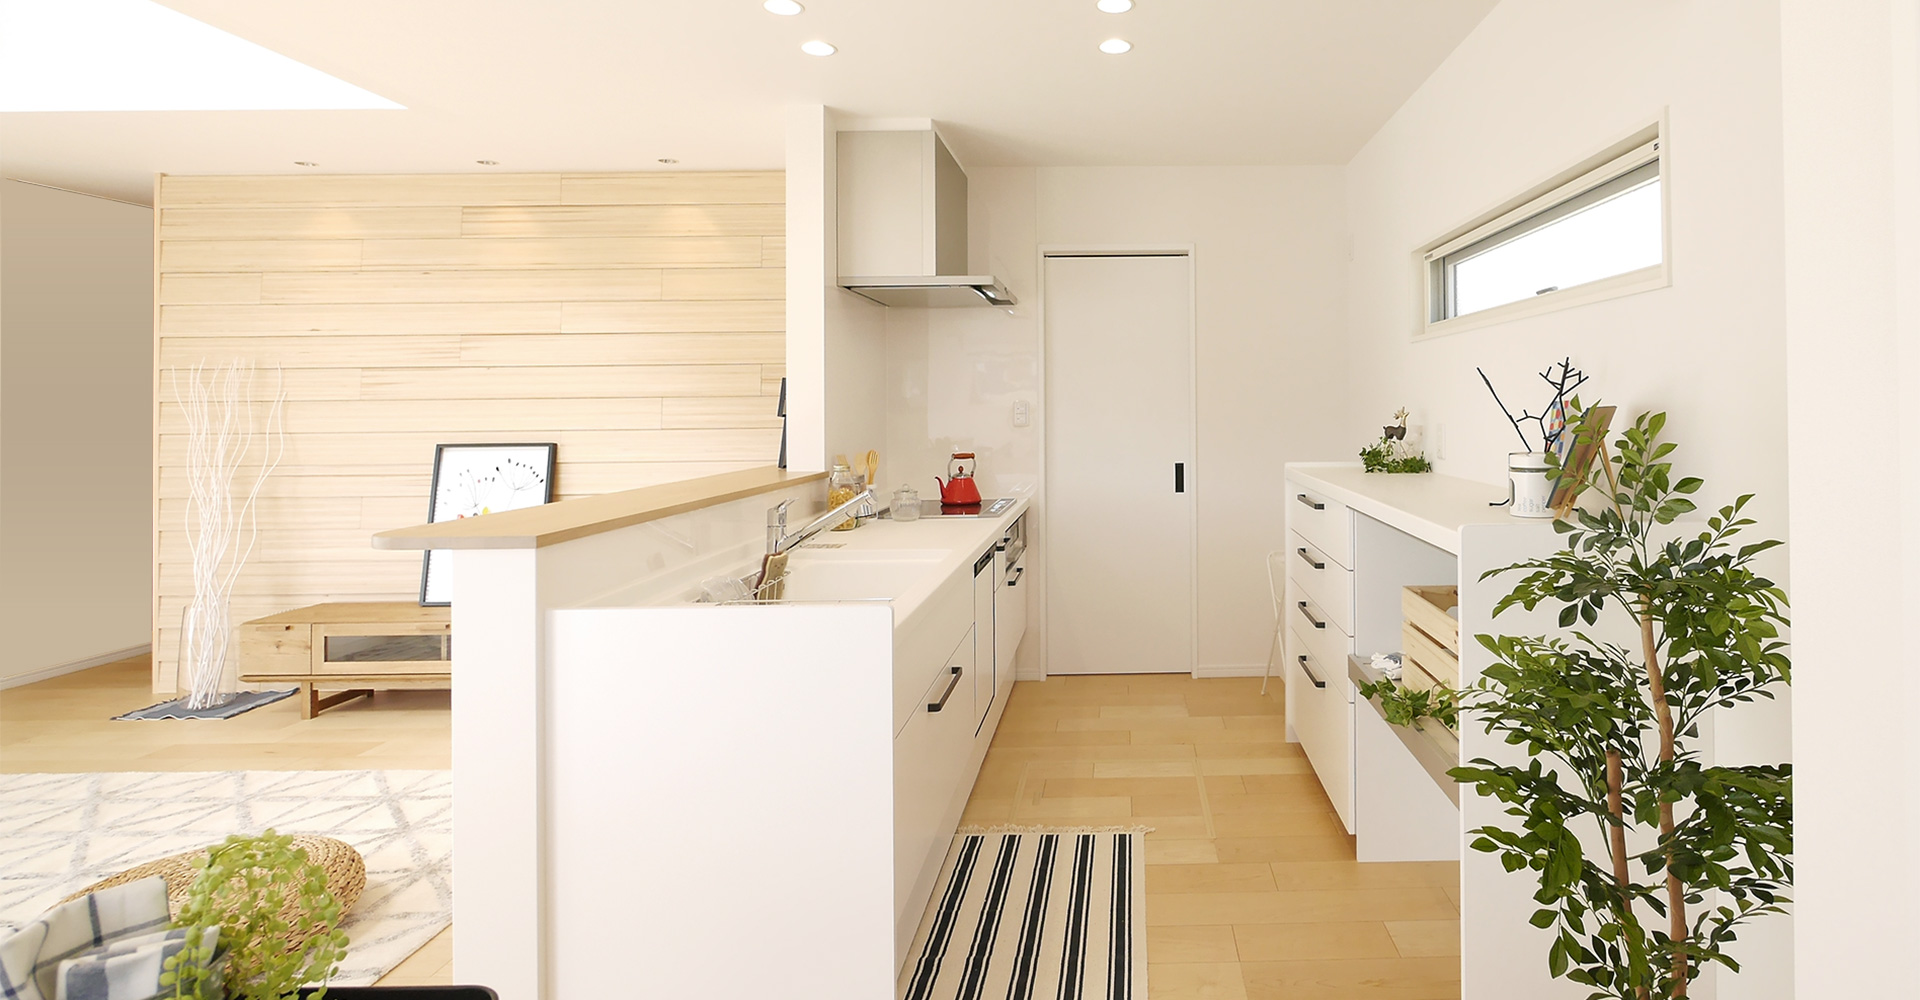 私のがんばらなくてもいい家。キッチンから洗面室、お風呂。ますっぐ通れるラクラク動線!